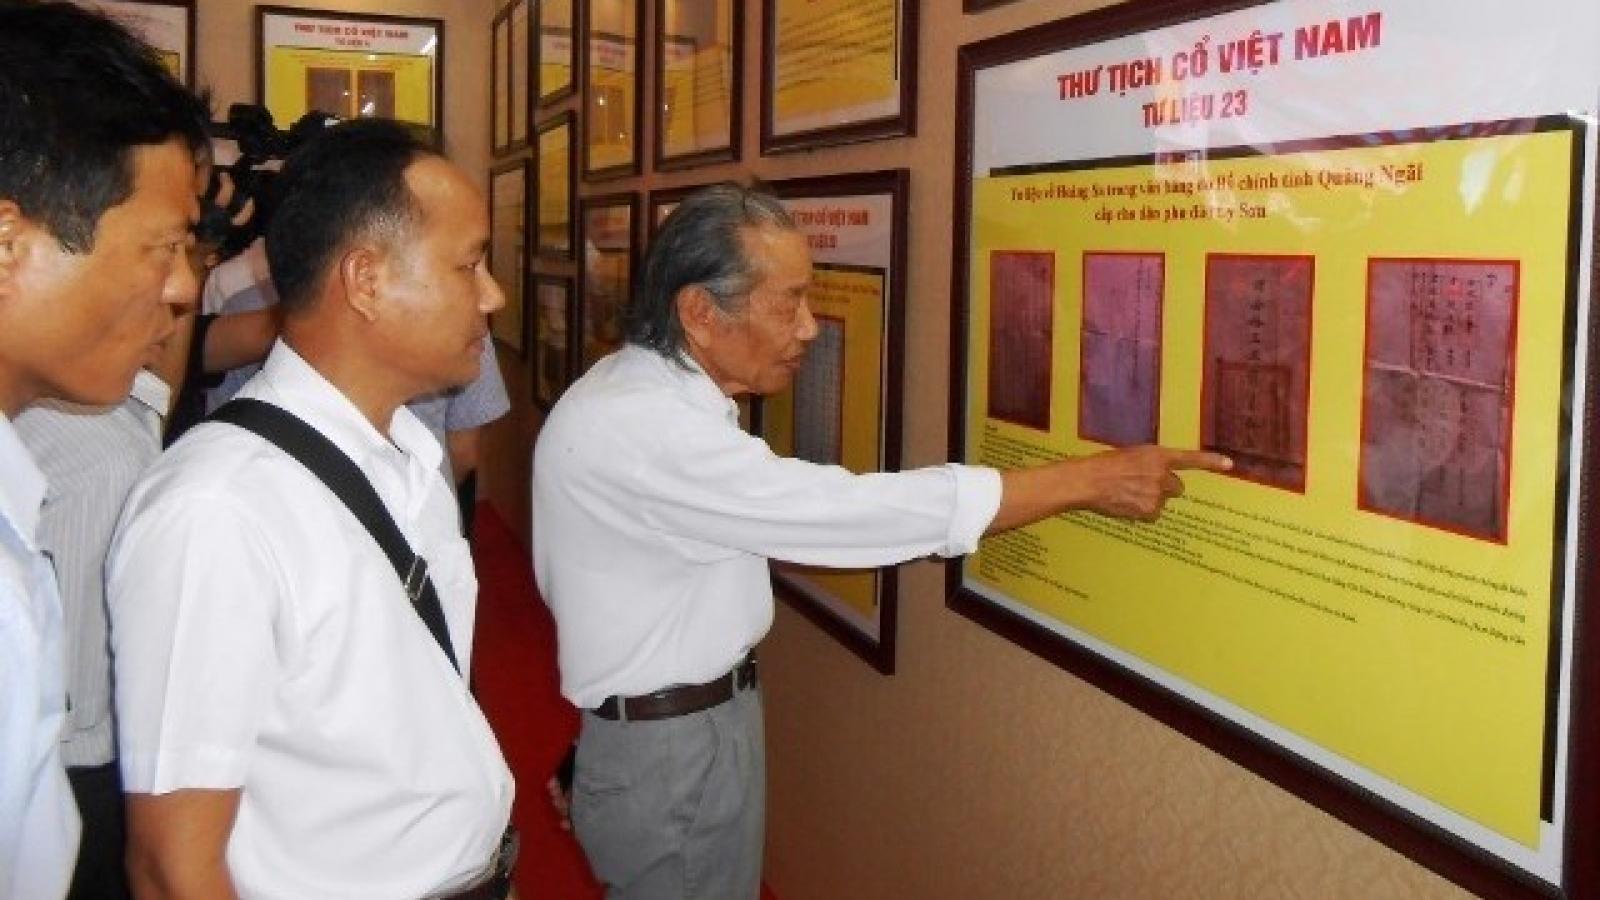 Photo exhibition on Truong Sa to tour Hanoi, Hung Yen, Lam Dong